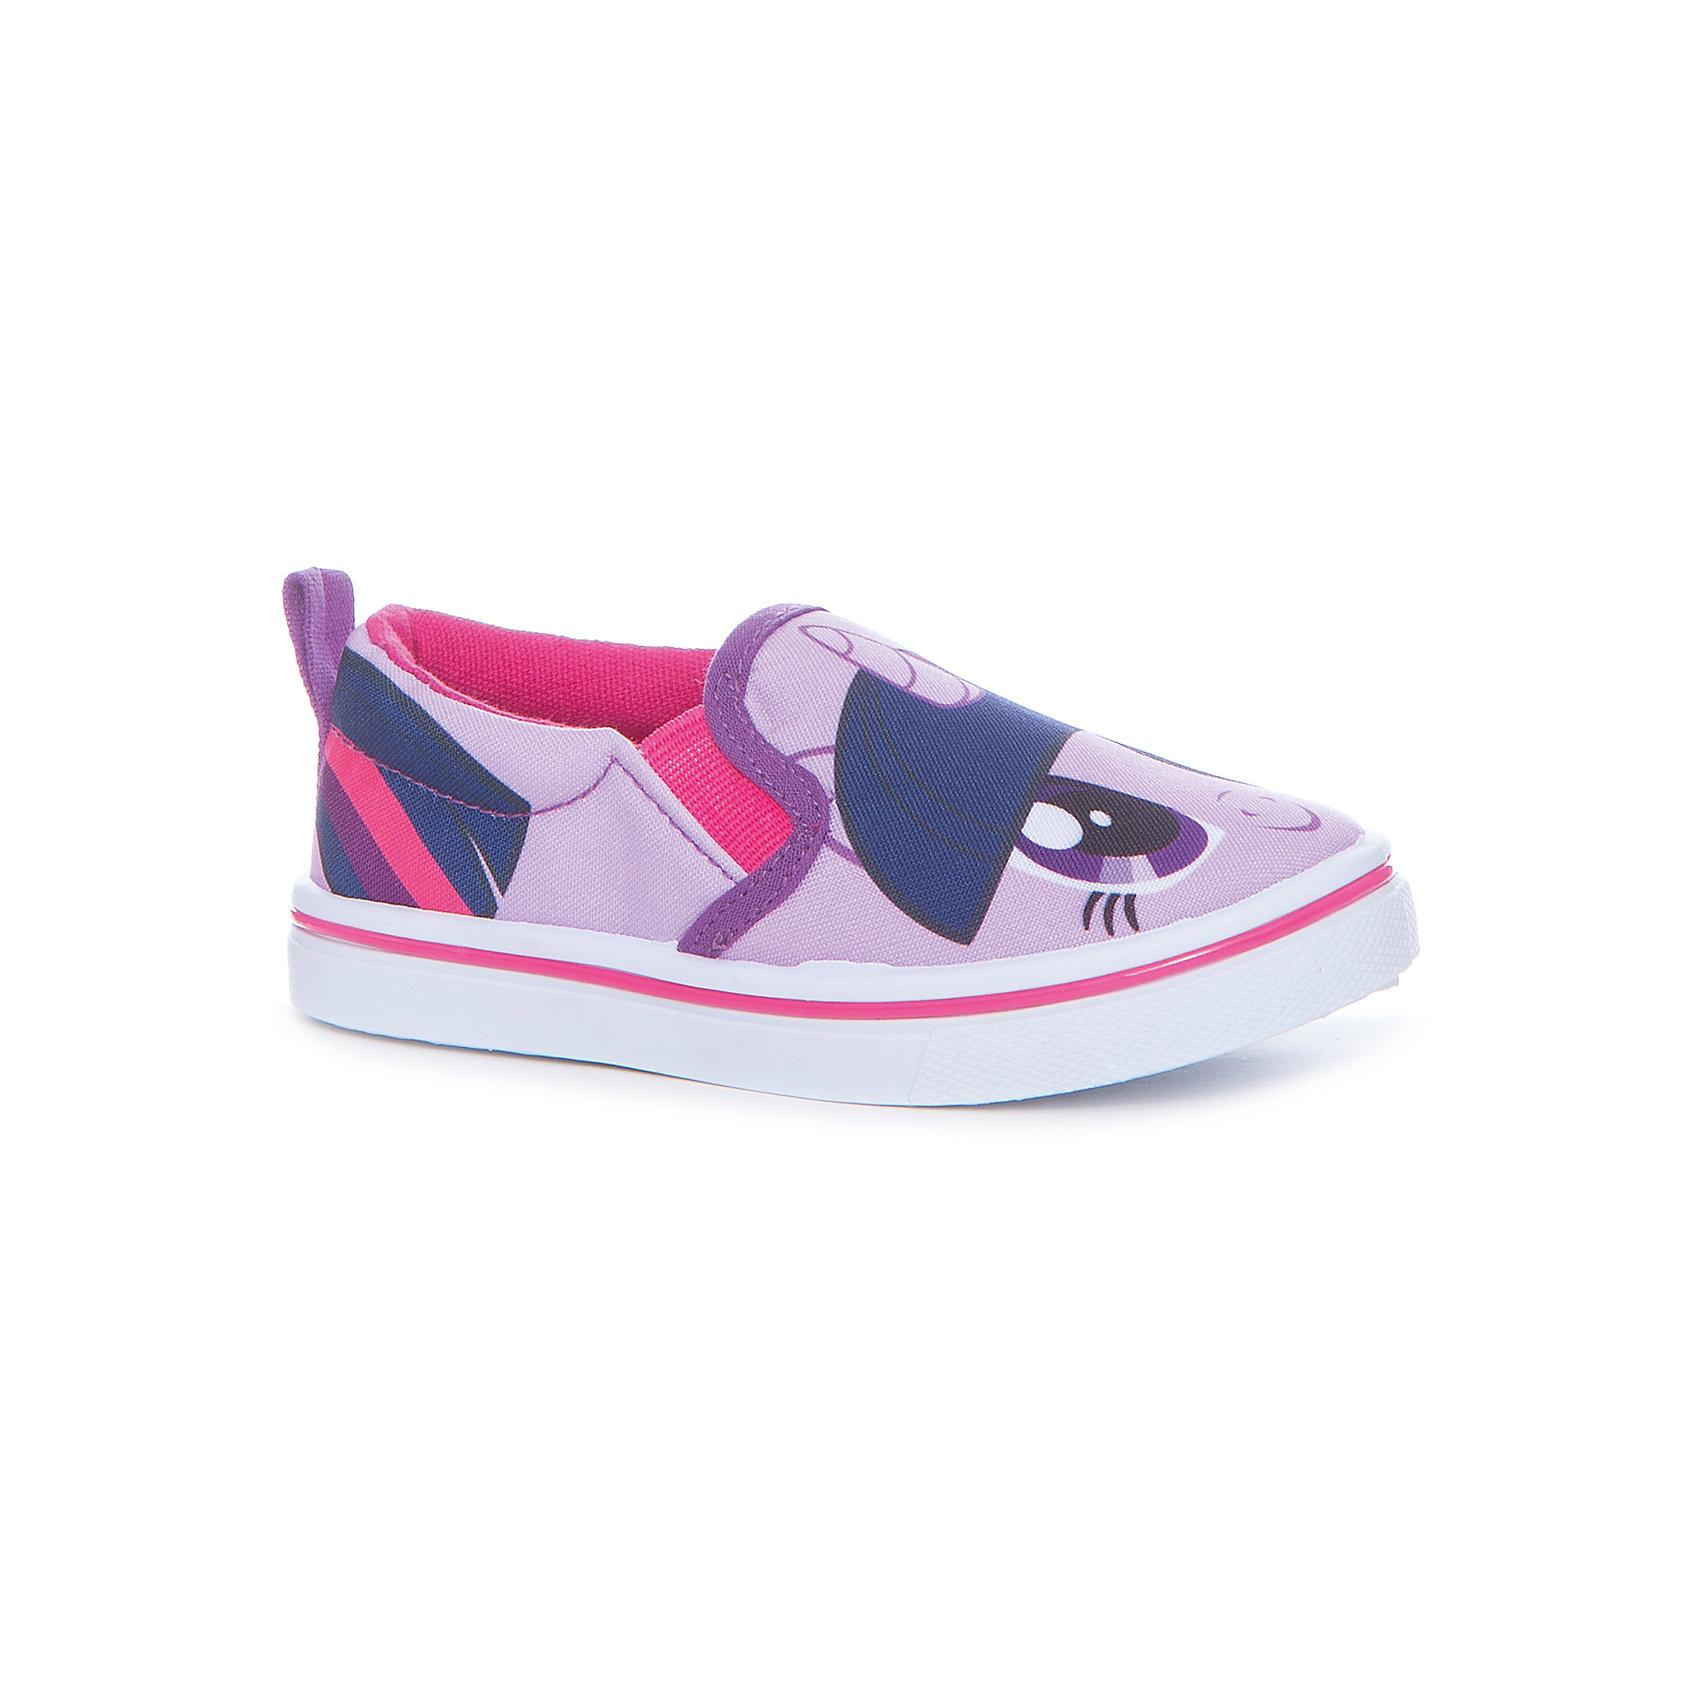 Слипоны для девочки KakaduТекстильные туфли<br>Характеристики:<br><br>• цвет: сиреневый<br>• внешний материал: текстиль<br>• внутренний материал: хлопок<br>• стелька: хлопок<br>• подошва: ПВХ<br>• высота подошвы: 1 см<br>• съёмная стелька<br>• эластичные вставки для удобства надевания<br>• сезон: лето<br>• тематика рисунка: My Little Pony<br>• тип подошвы: рифлёная<br>• способ крепления подошвы: литая<br>• тип застёжки: без застёжки<br>• уход: удаление загрязнений мягкой щеткой<br>• страна бренда: Россия<br>• страна производитель: Китай<br><br>Туфли для девочки KAKADU от Сrossway – это обувь, которая характеризуется высокими качественными и потребительскими характеристиками: прочная, удобная и при этом модная, и яркая! Туфли предназначены для летних прогулок. Они выполнены с учетом анатомических особенностей детской стопы. <br><br>Верх изделия – из текстиля, который обладает высокой воздухопроницаемостью и гигроскопичностью, внутренняя часть и съемная стелька изготовлены из хлопка. Подошва выполнена из поливинилхлорида, который особенно устойчив к истиранию. <br><br>По бокам имеются эластичные вставки, которые обеспечивают хорошую посадку по ноге и легкое обувание. Кеды имеют классическую форму и стильный дизайн: выполнены в модном цвете и декорированы ярким принтом с изображением Пинки Пай из мультсериала Мой маленький пони.<br><br>Туфли для девочки KAKADU можно купить в нашем интернет-магазине.<br><br>Ширина мм: 227<br>Глубина мм: 145<br>Высота мм: 124<br>Вес г: 325<br>Цвет: фиолетовый<br>Возраст от месяцев: 24<br>Возраст до месяцев: 24<br>Пол: Женский<br>Возраст: Детский<br>Размер: 25,30,26,27,28,29<br>SKU: 5386529